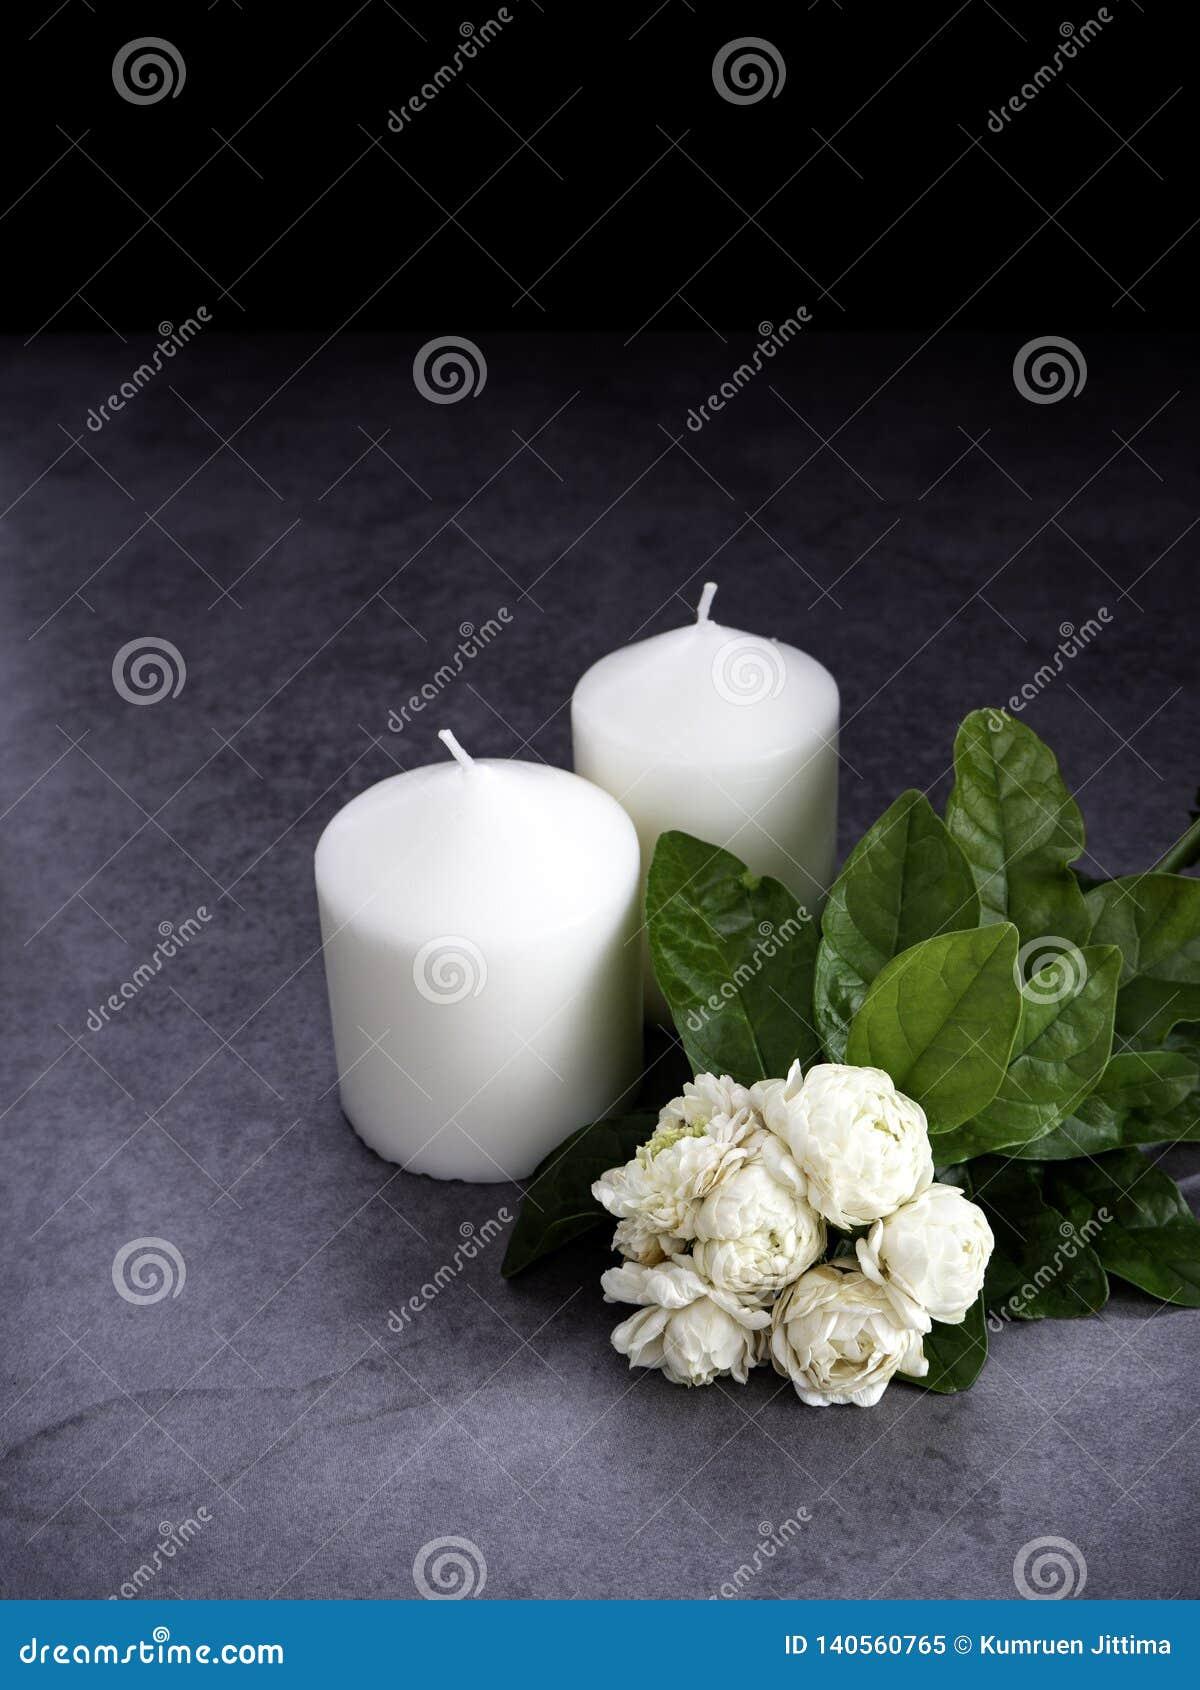 Jasmin und Kerzen auf dunklem Hintergrund